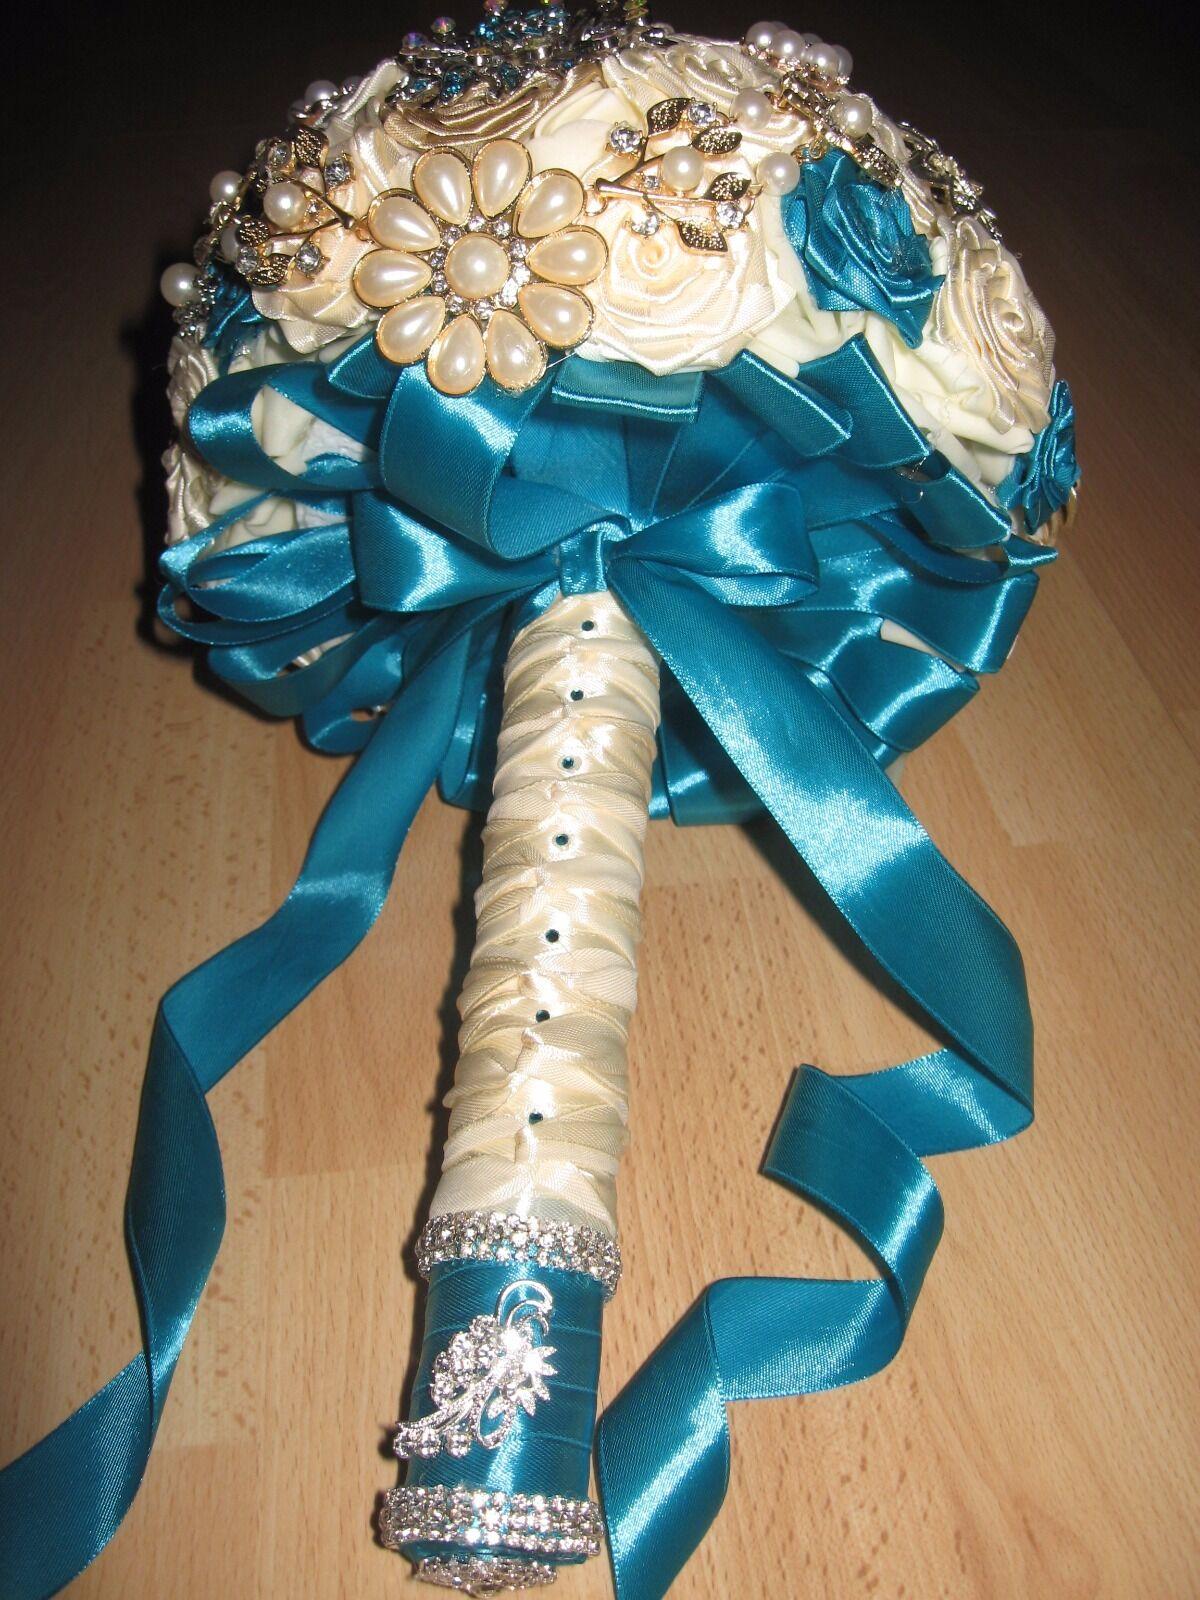 Large Turquoise Et Crème Style Vintage broche bouquet, mariages, les commandes personnalisées, Brida